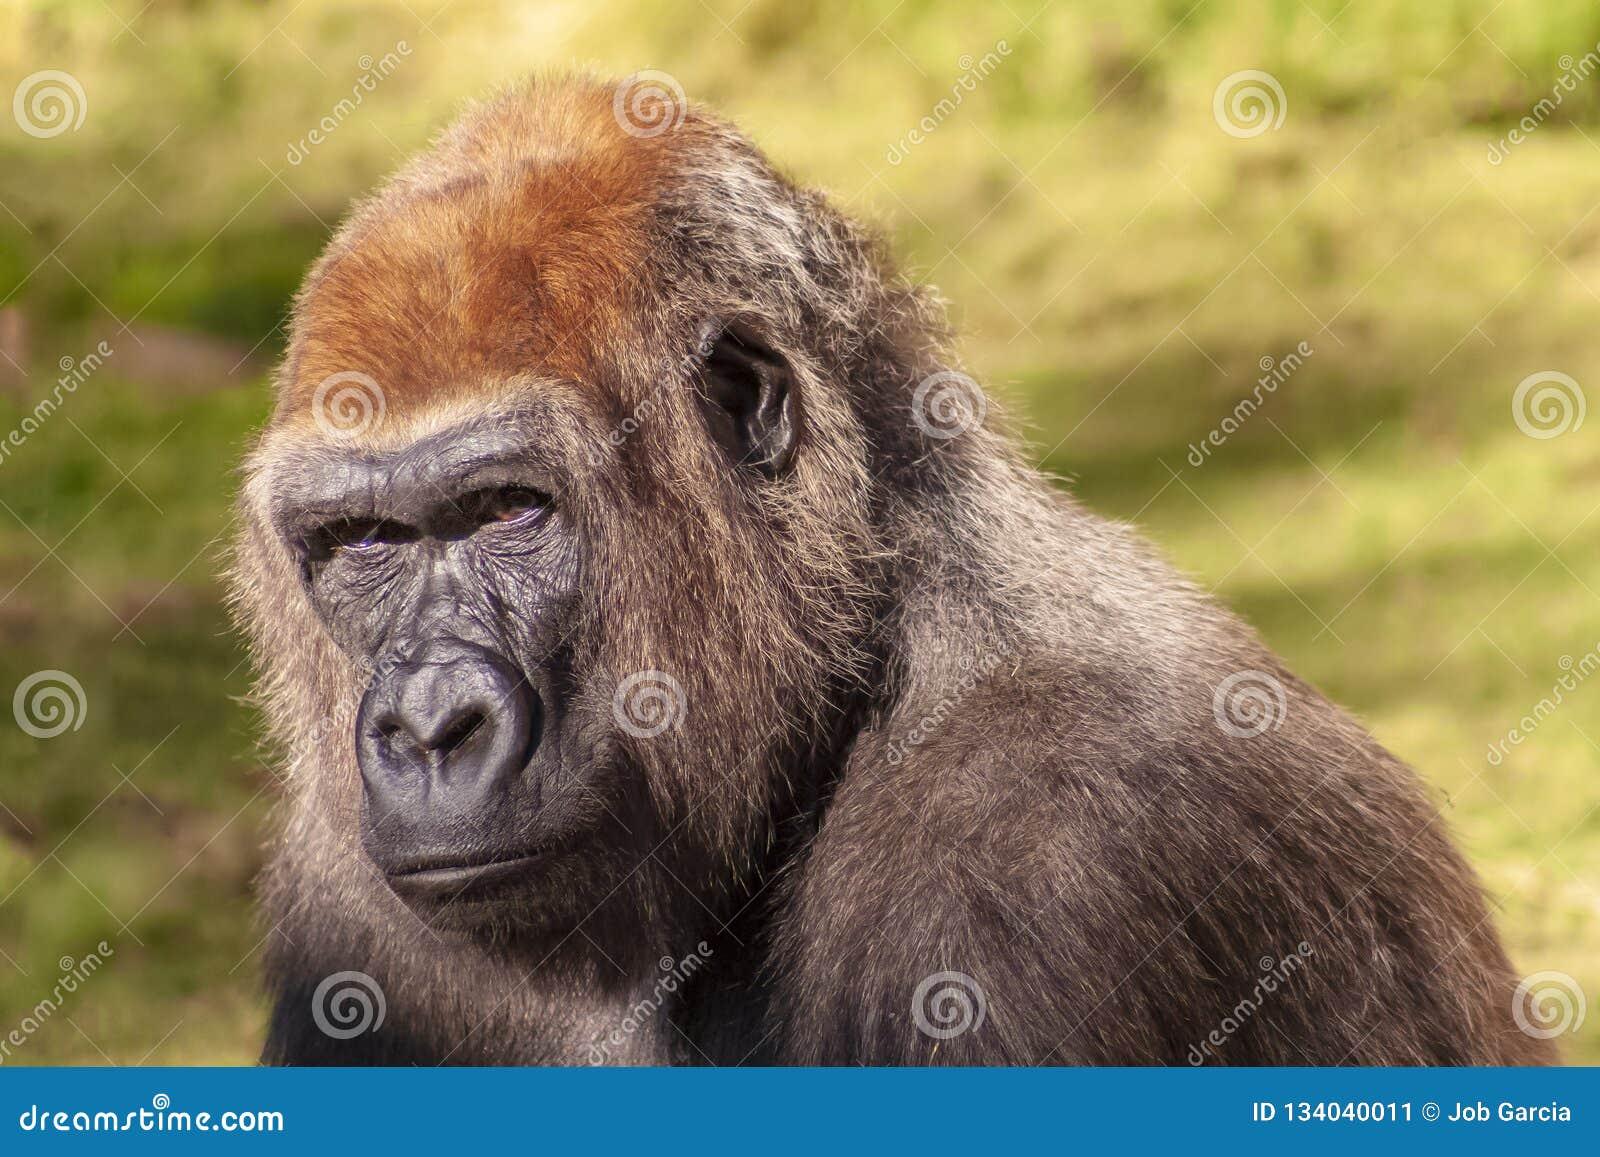 Portarit van een mannelijke gorilla